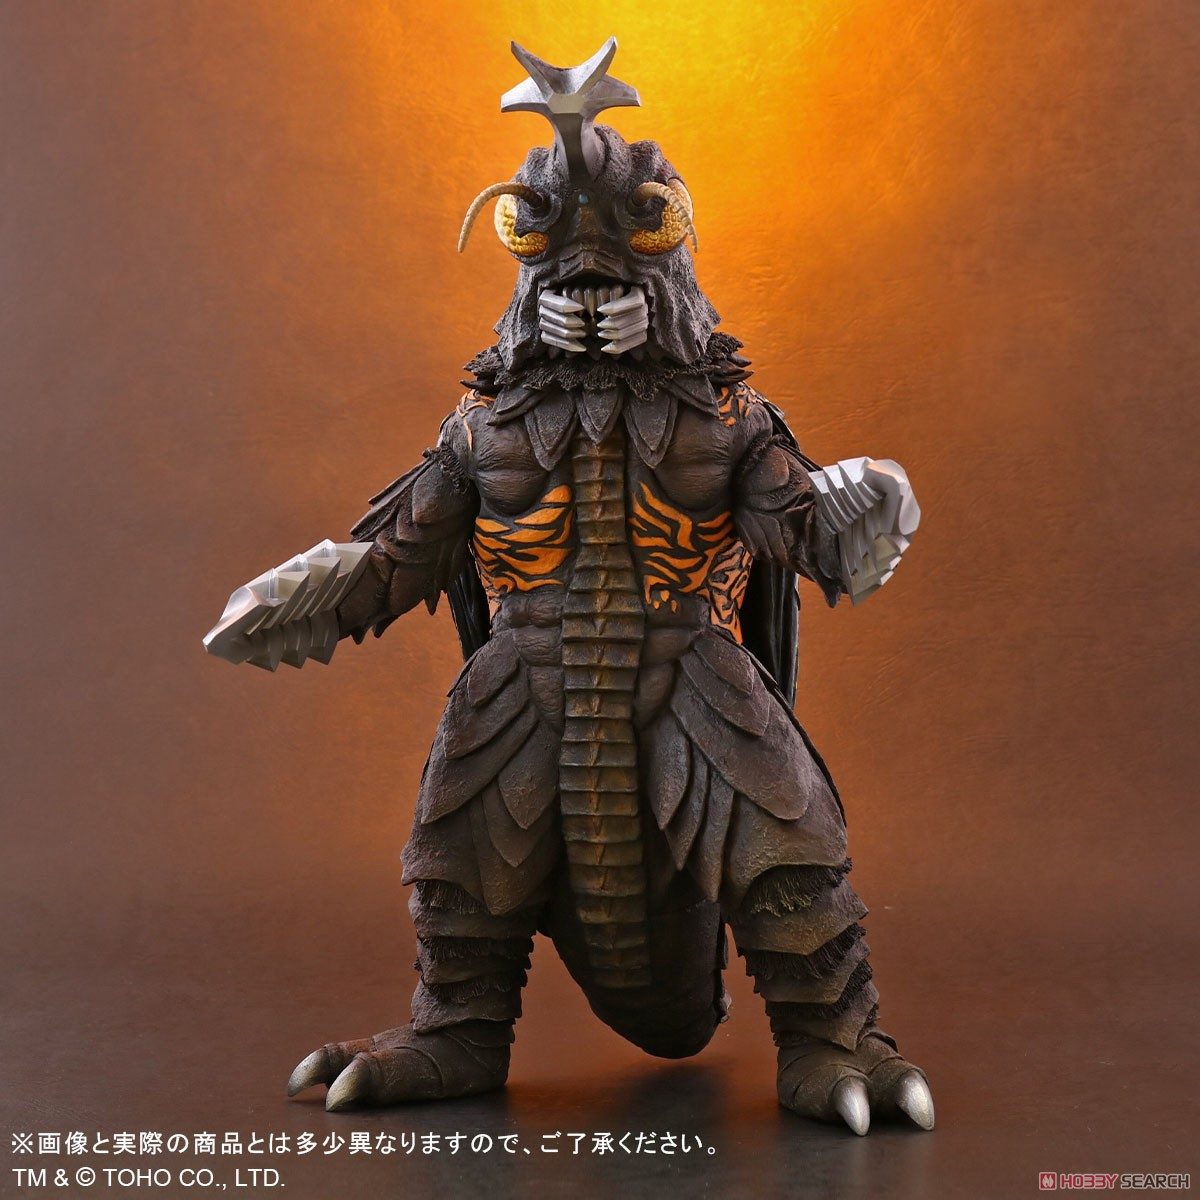 東宝30cmシリーズ『メガロ』ゴジラ対メガロ 完成品フィギュア-002